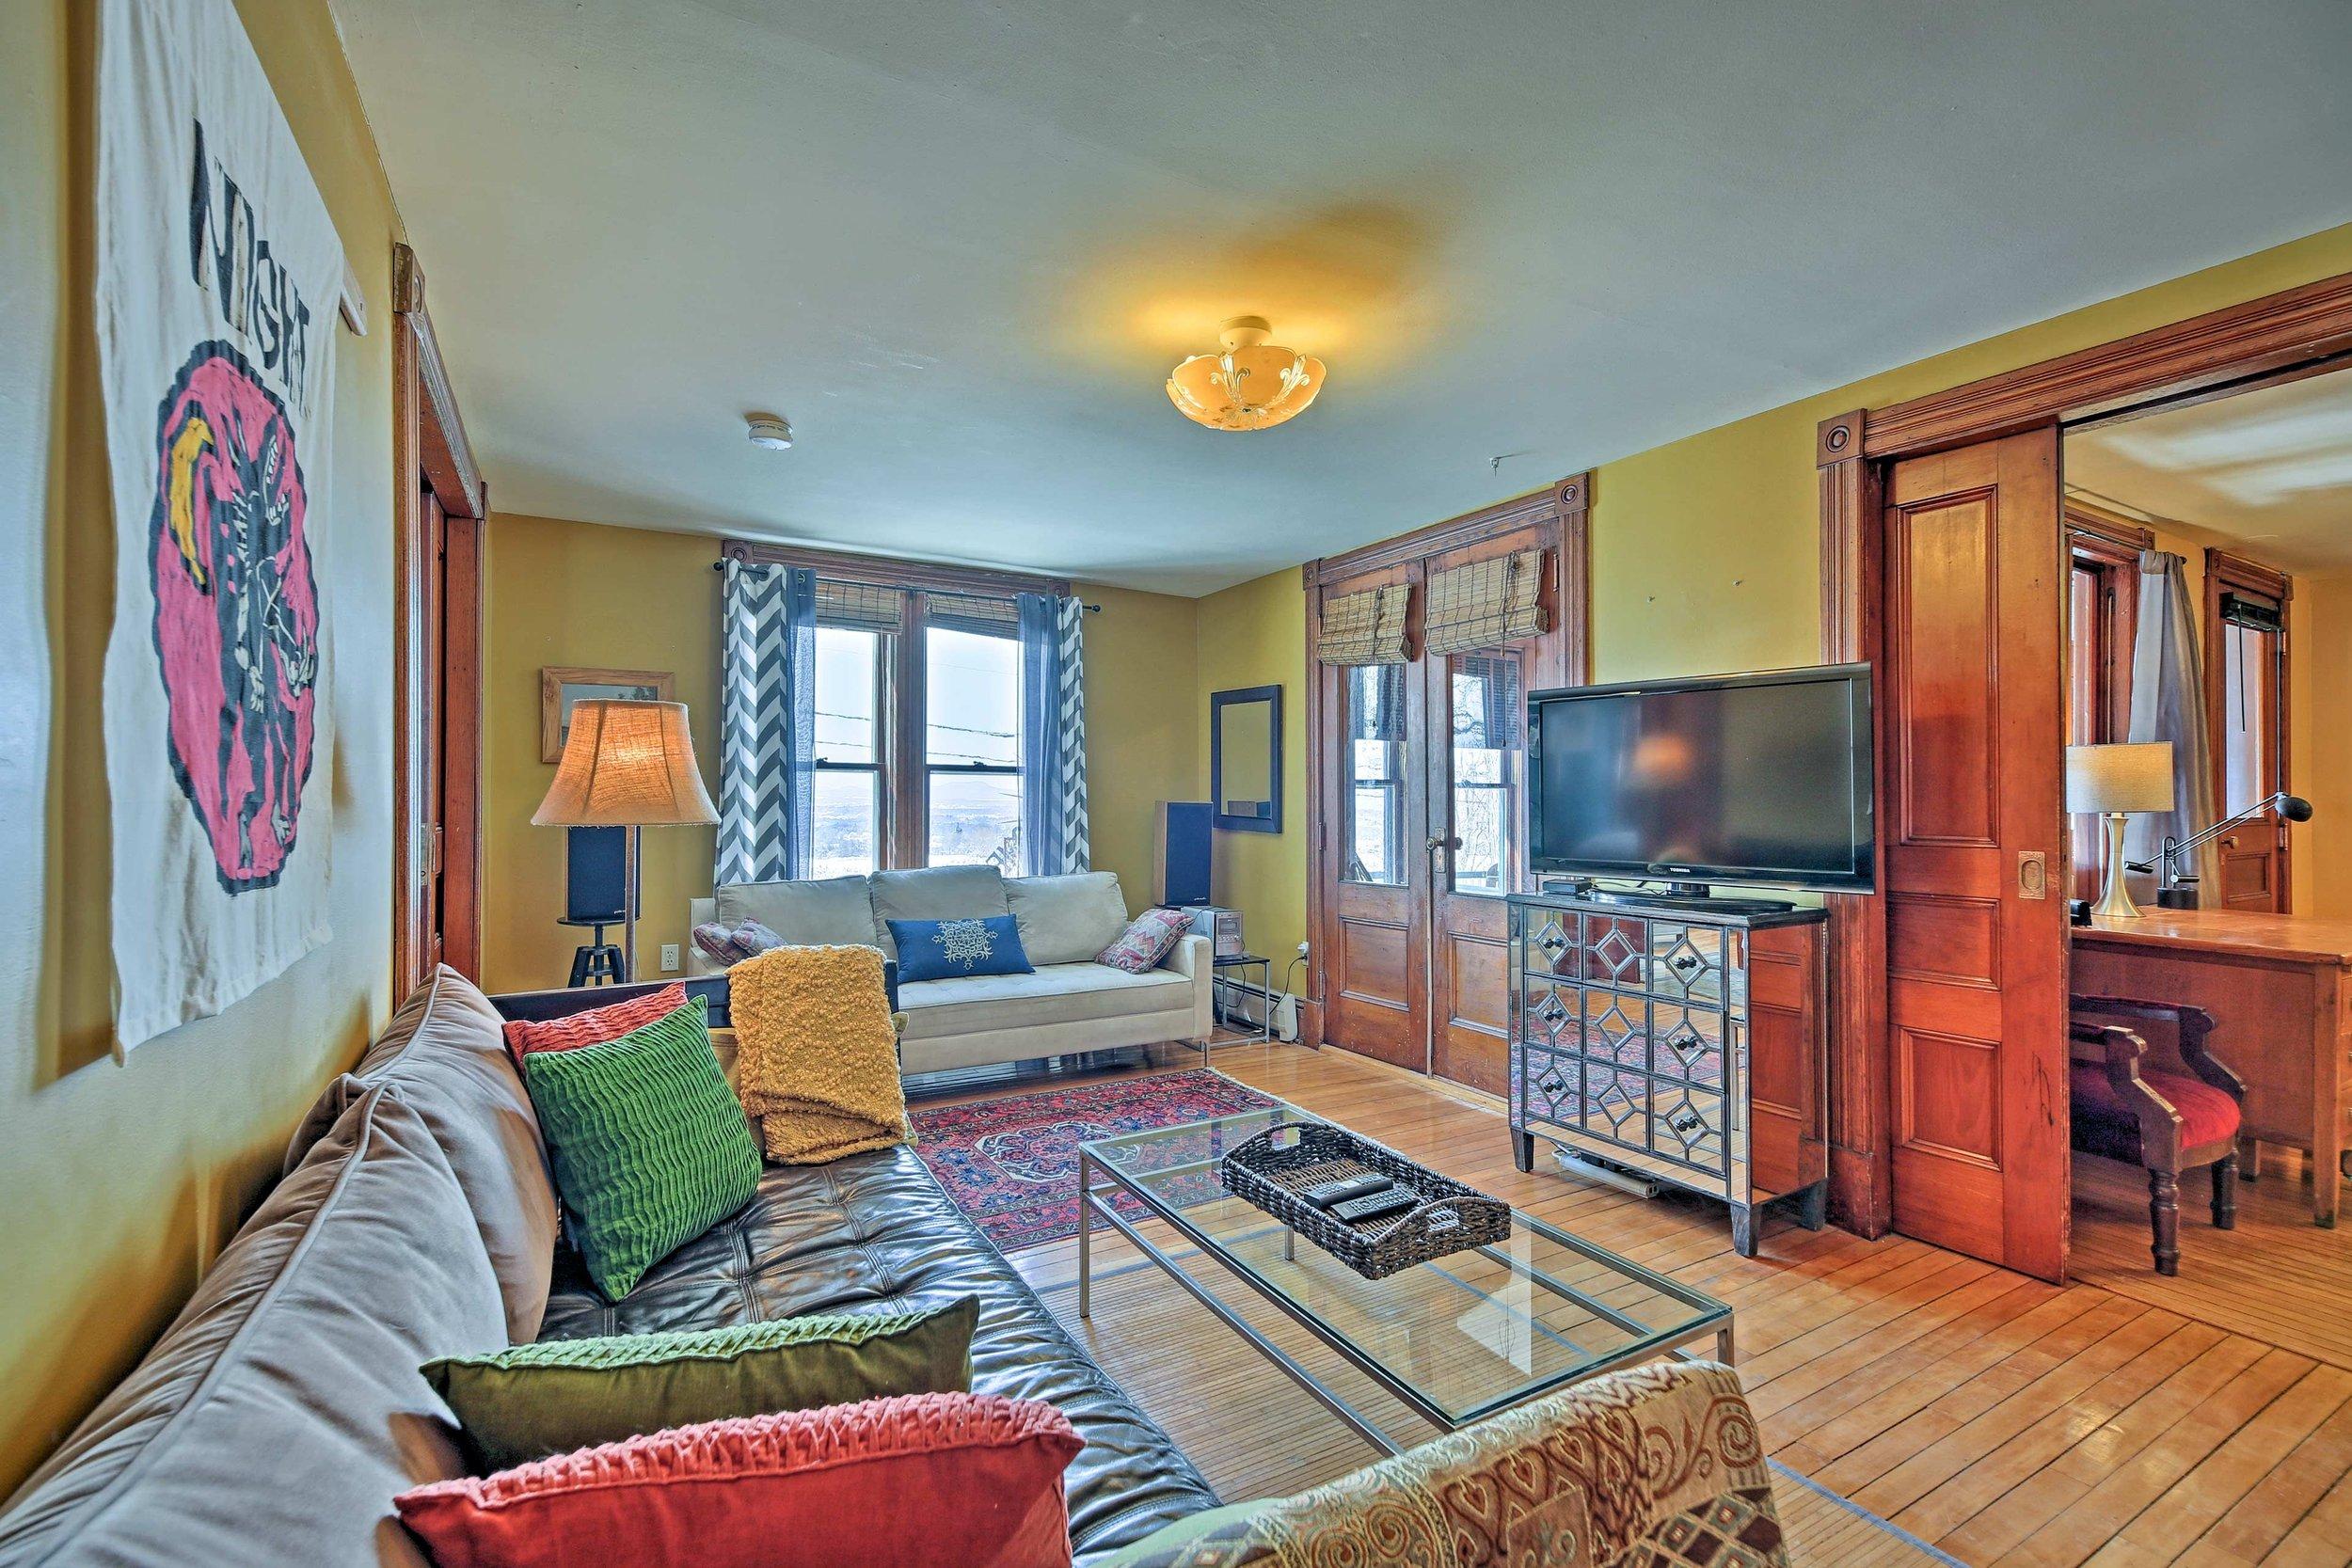 west living room 3.jpg